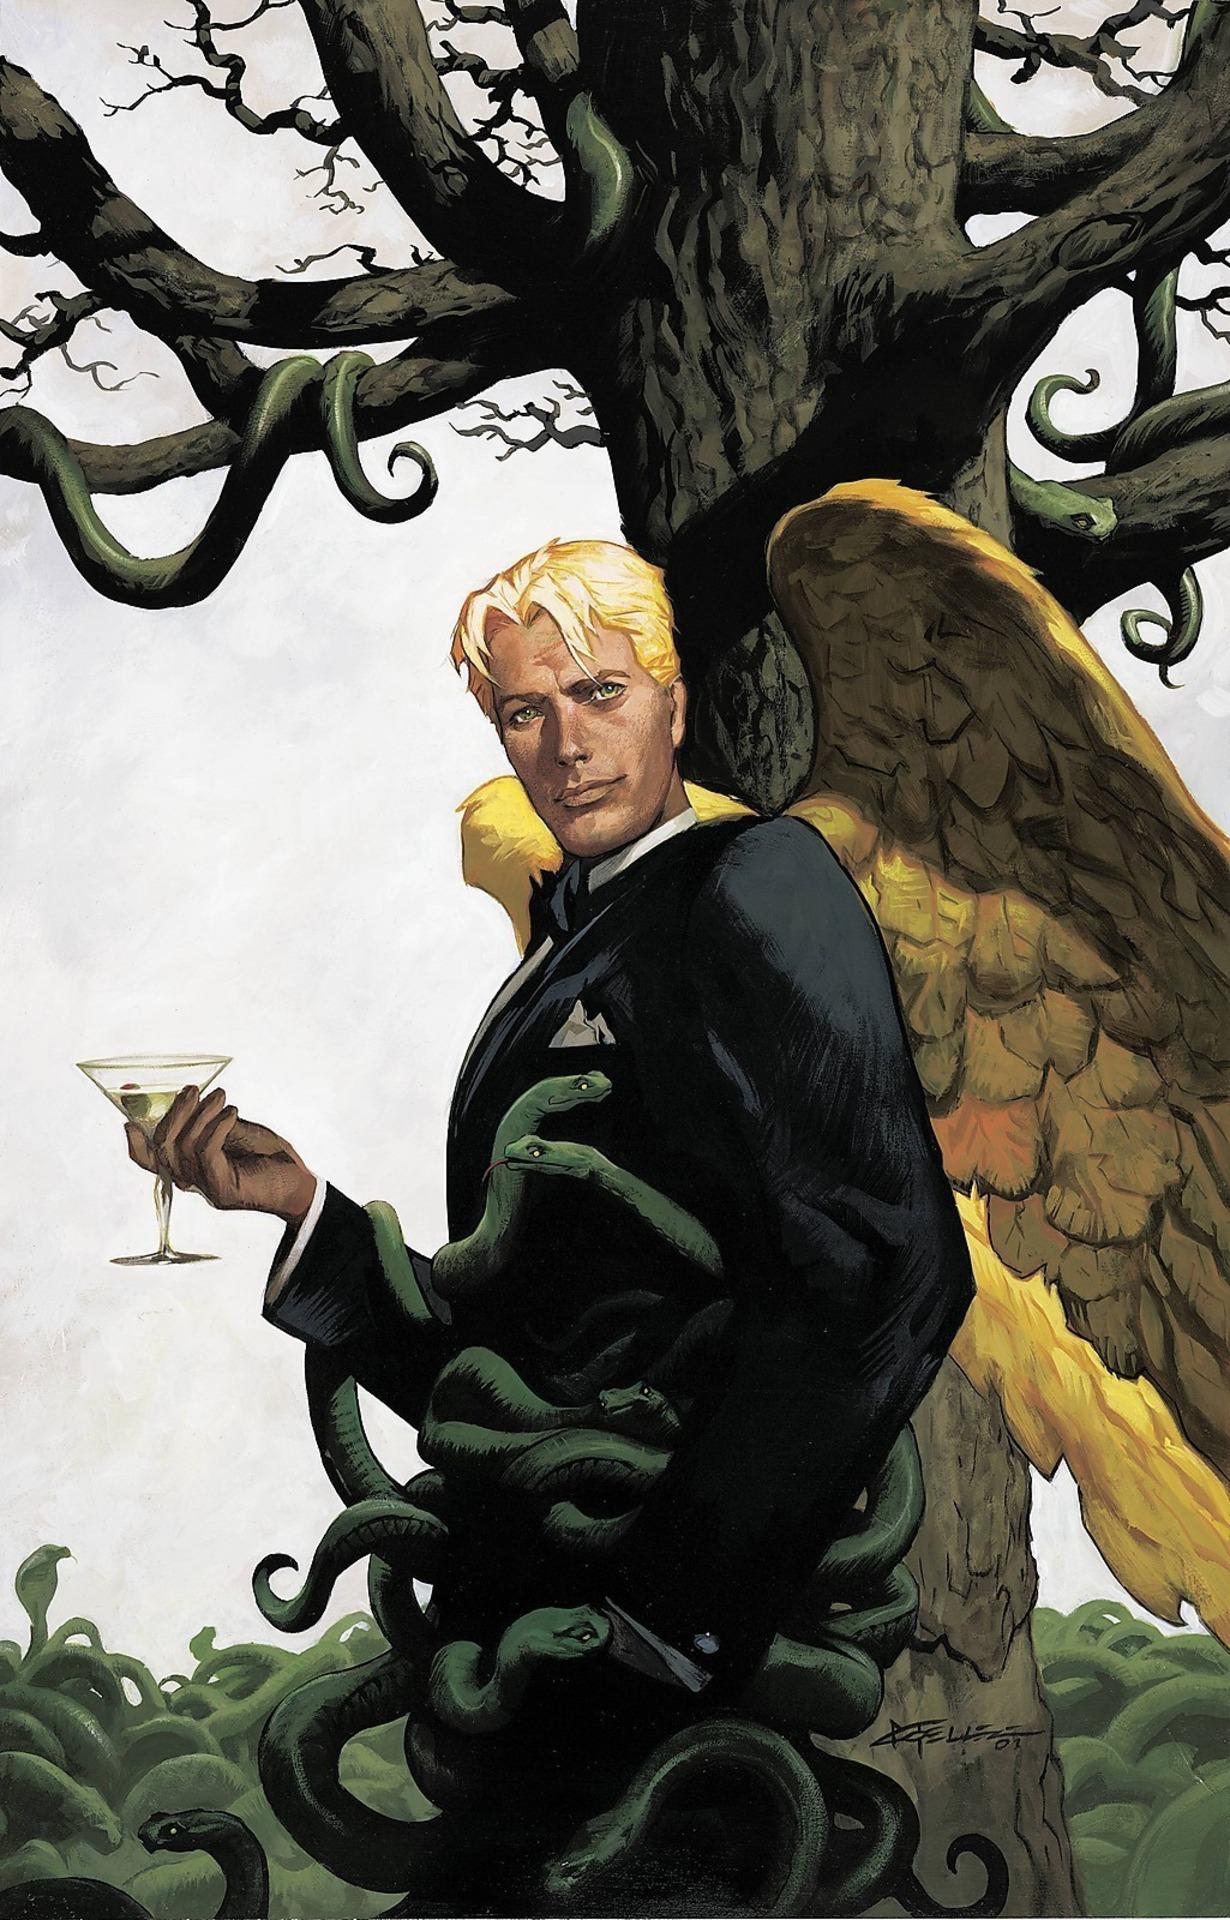 En los cómics, el look de Lucifer Morningstar se inspiró en David Bowie (1947-2016). Imagen:  Imagen: dc.fandom.com